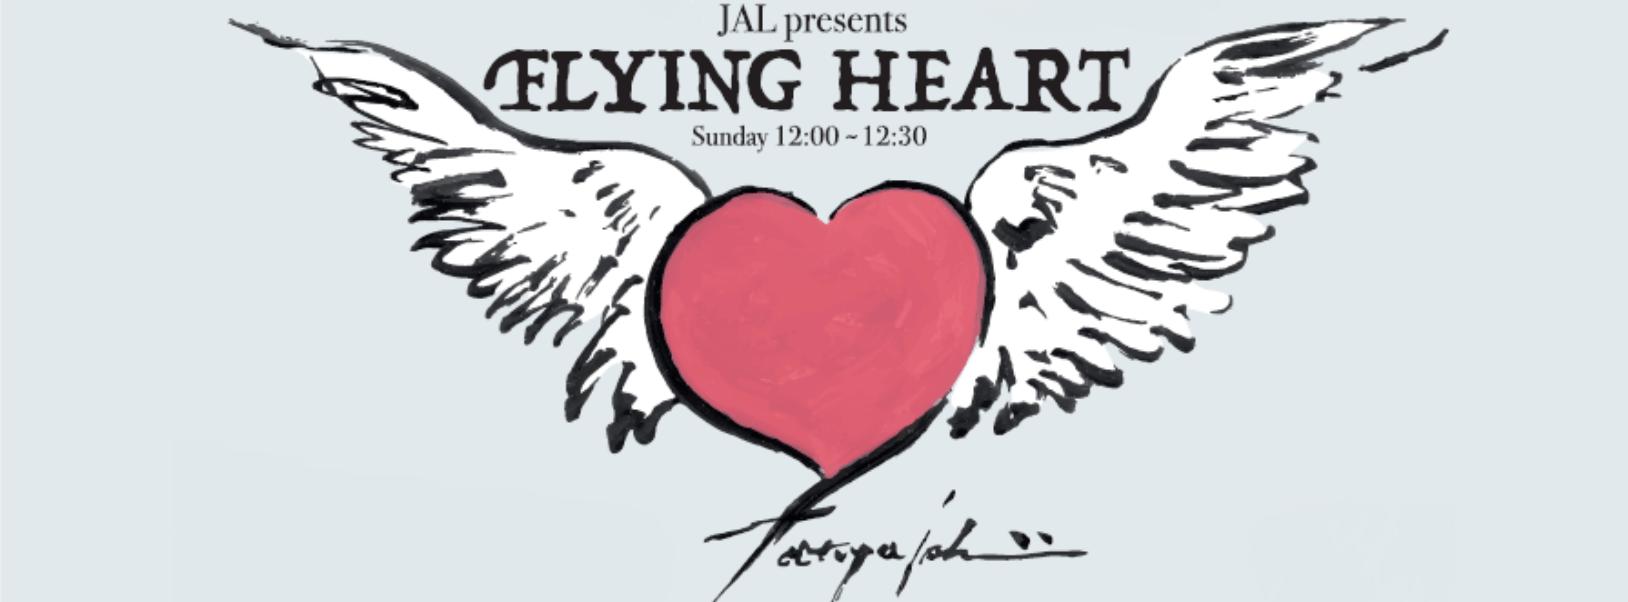 石井竜也 ラジオ flyingheart